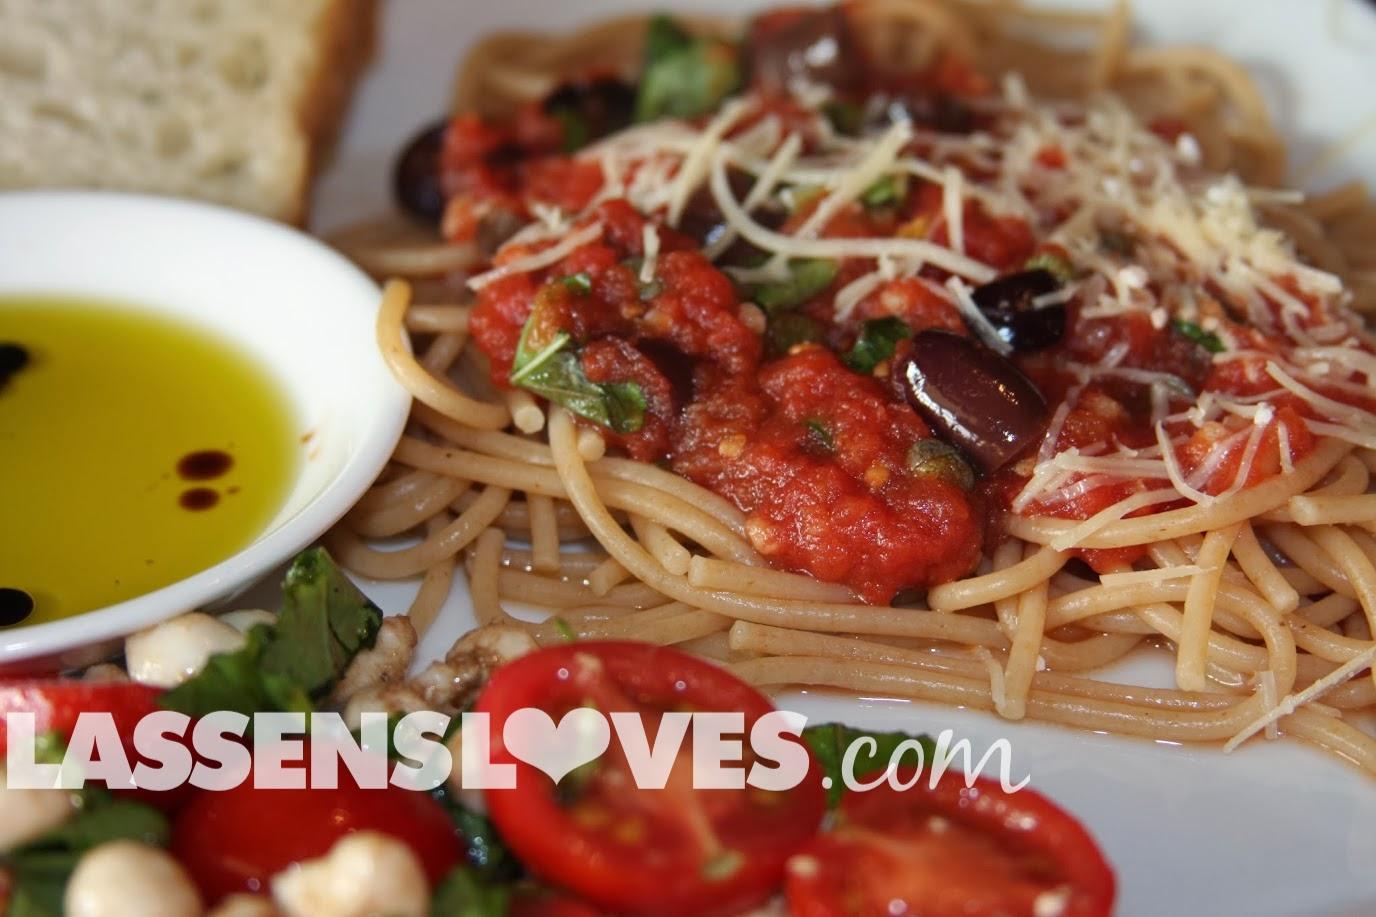 lassensloves.com, Lassen's, Lassens, Pasta+Puttanesca, Kalamata+Olives, Caprese+Salad